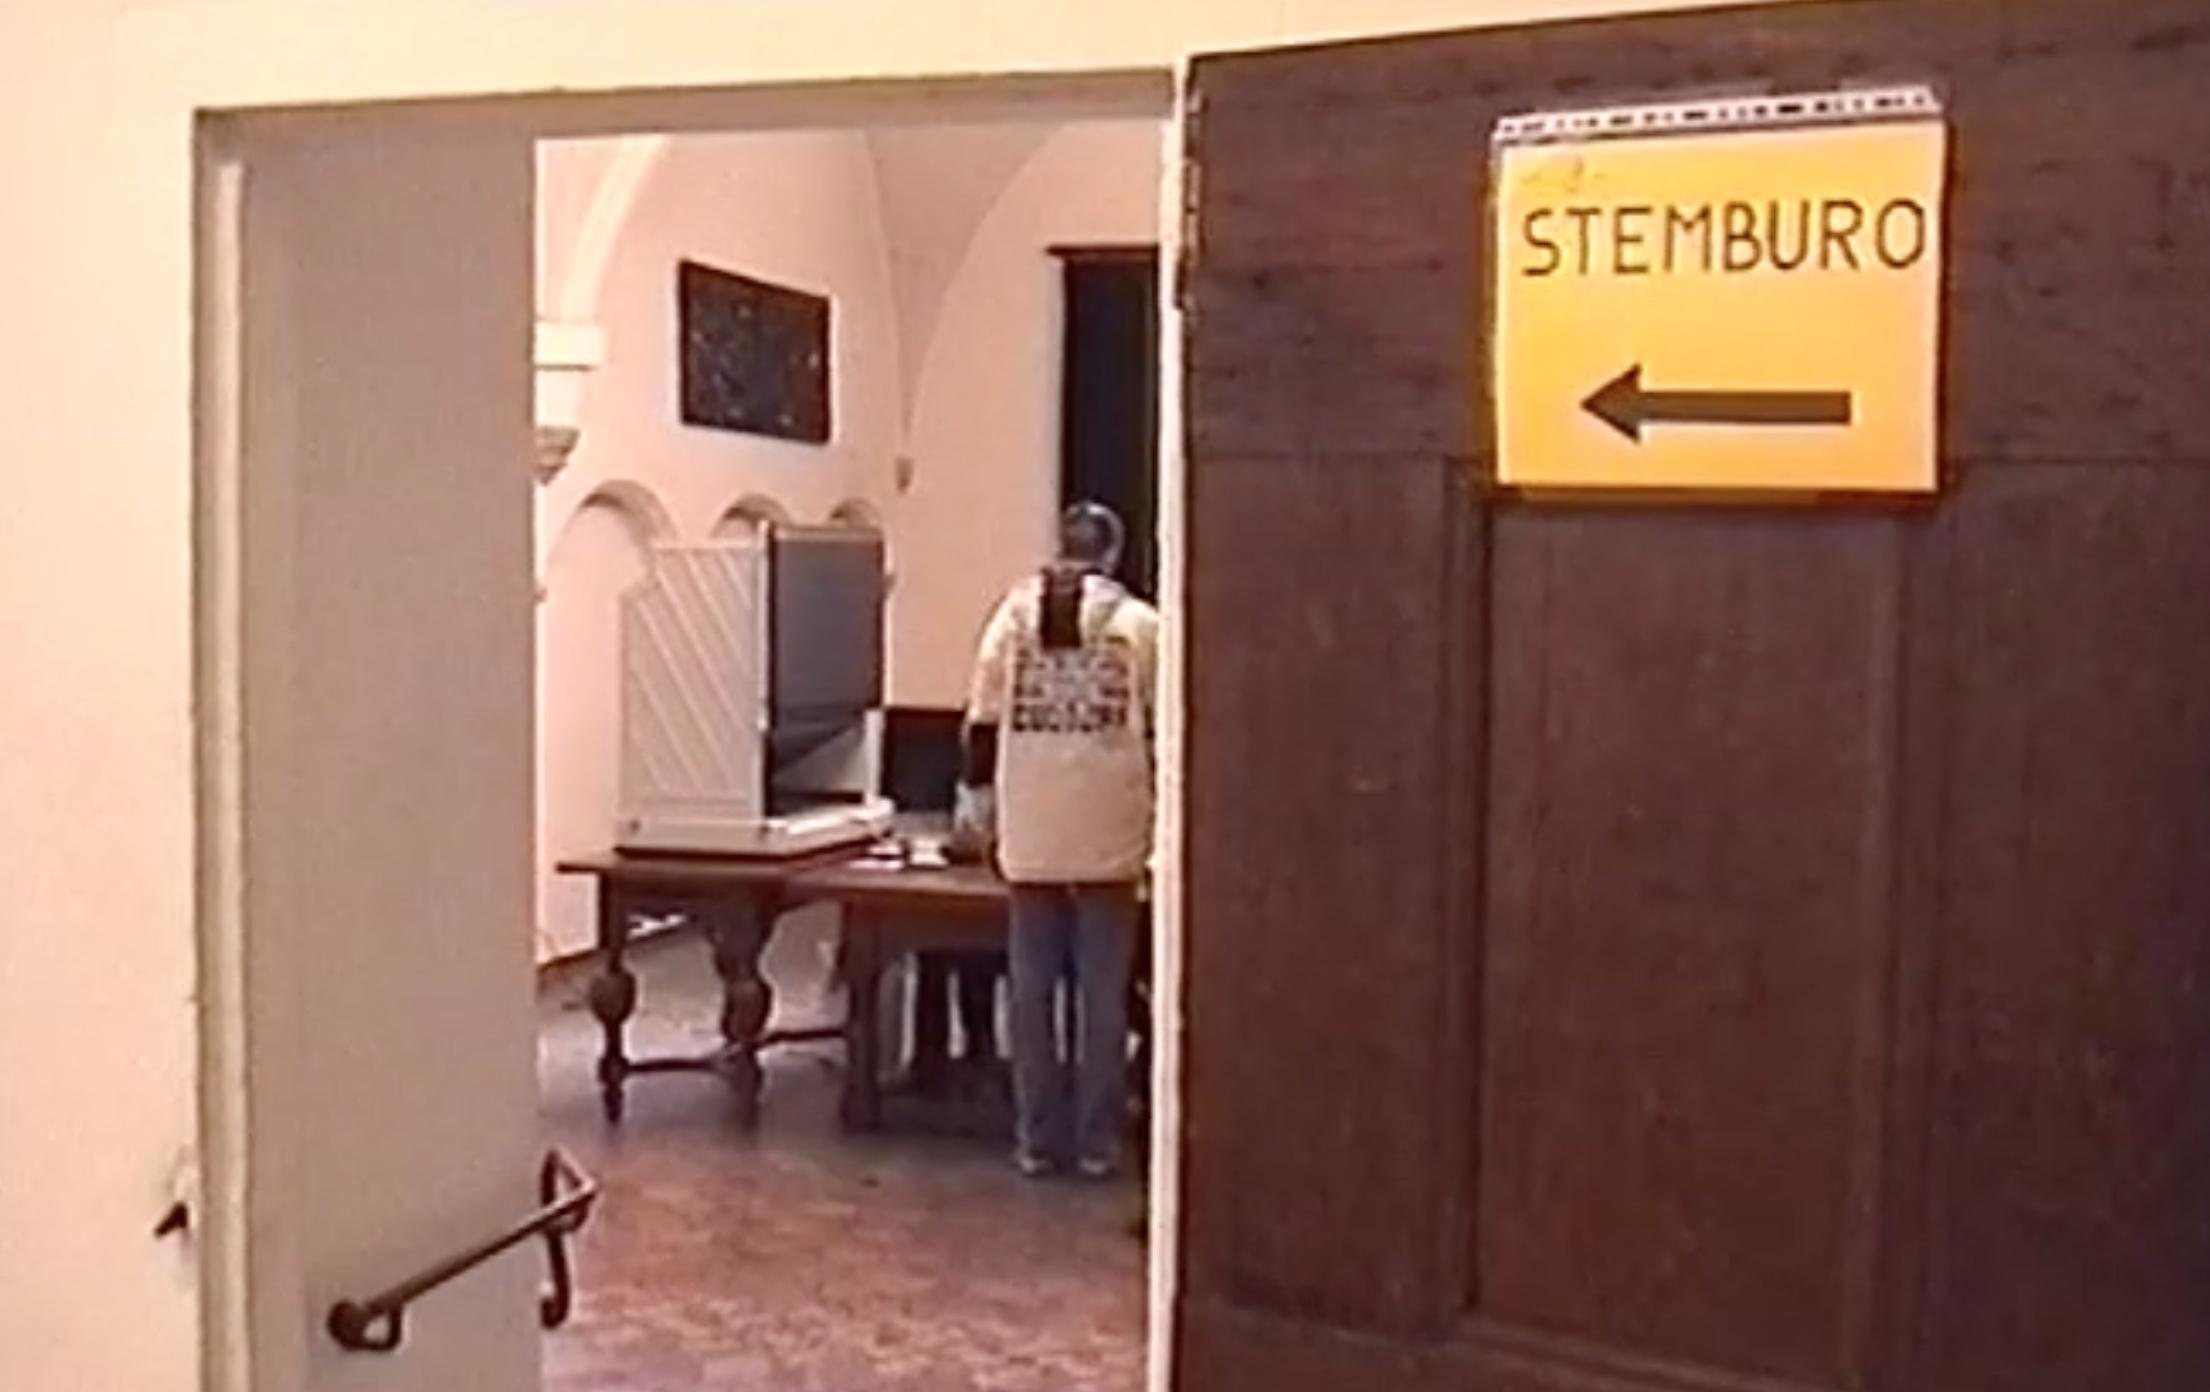 Bewegend Verleden: Tweede Kamerverkiezingen, 1998 [video]